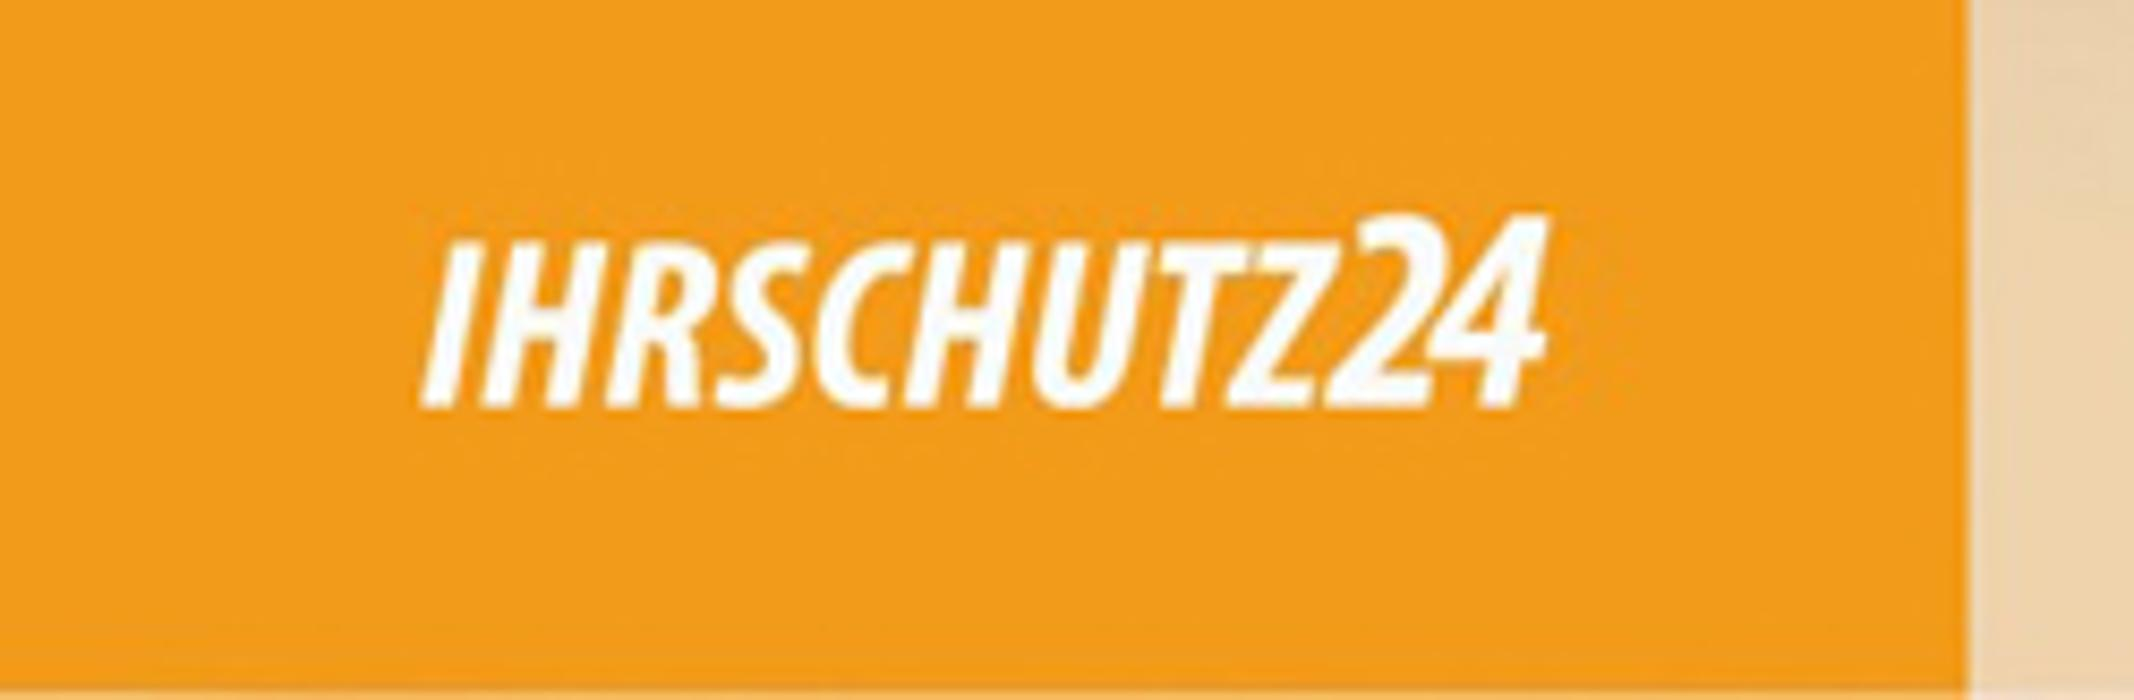 Bild zu IhrSchutz24 e.K. in Ratingen